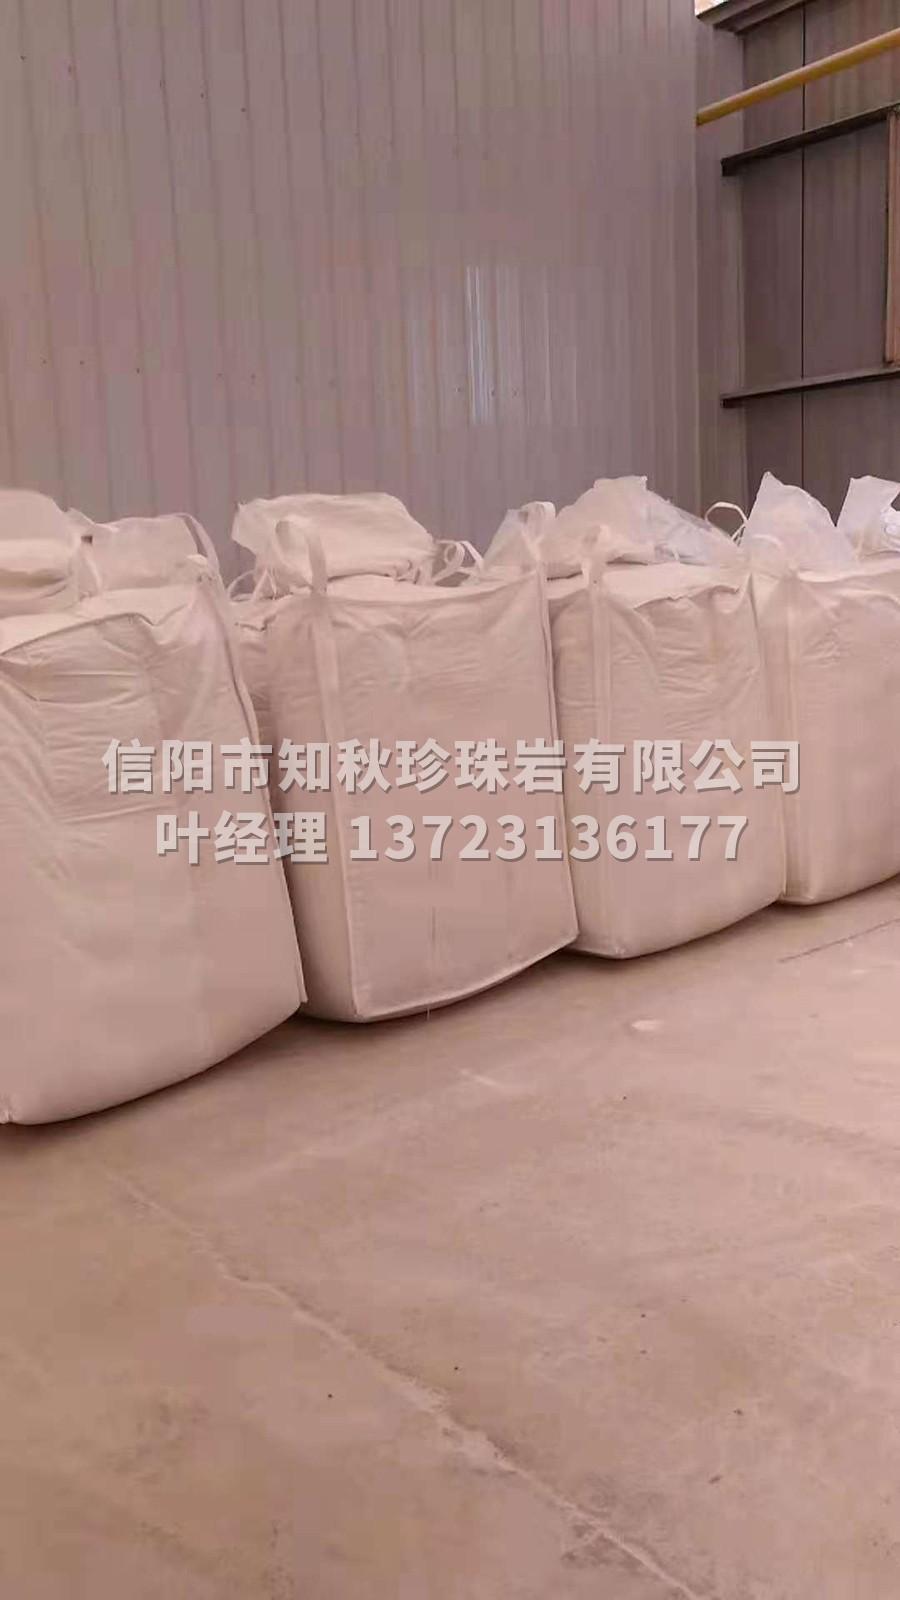 新型漂珠|珍珠巖系列產品-信陽市知秋珍珠巖有限公司